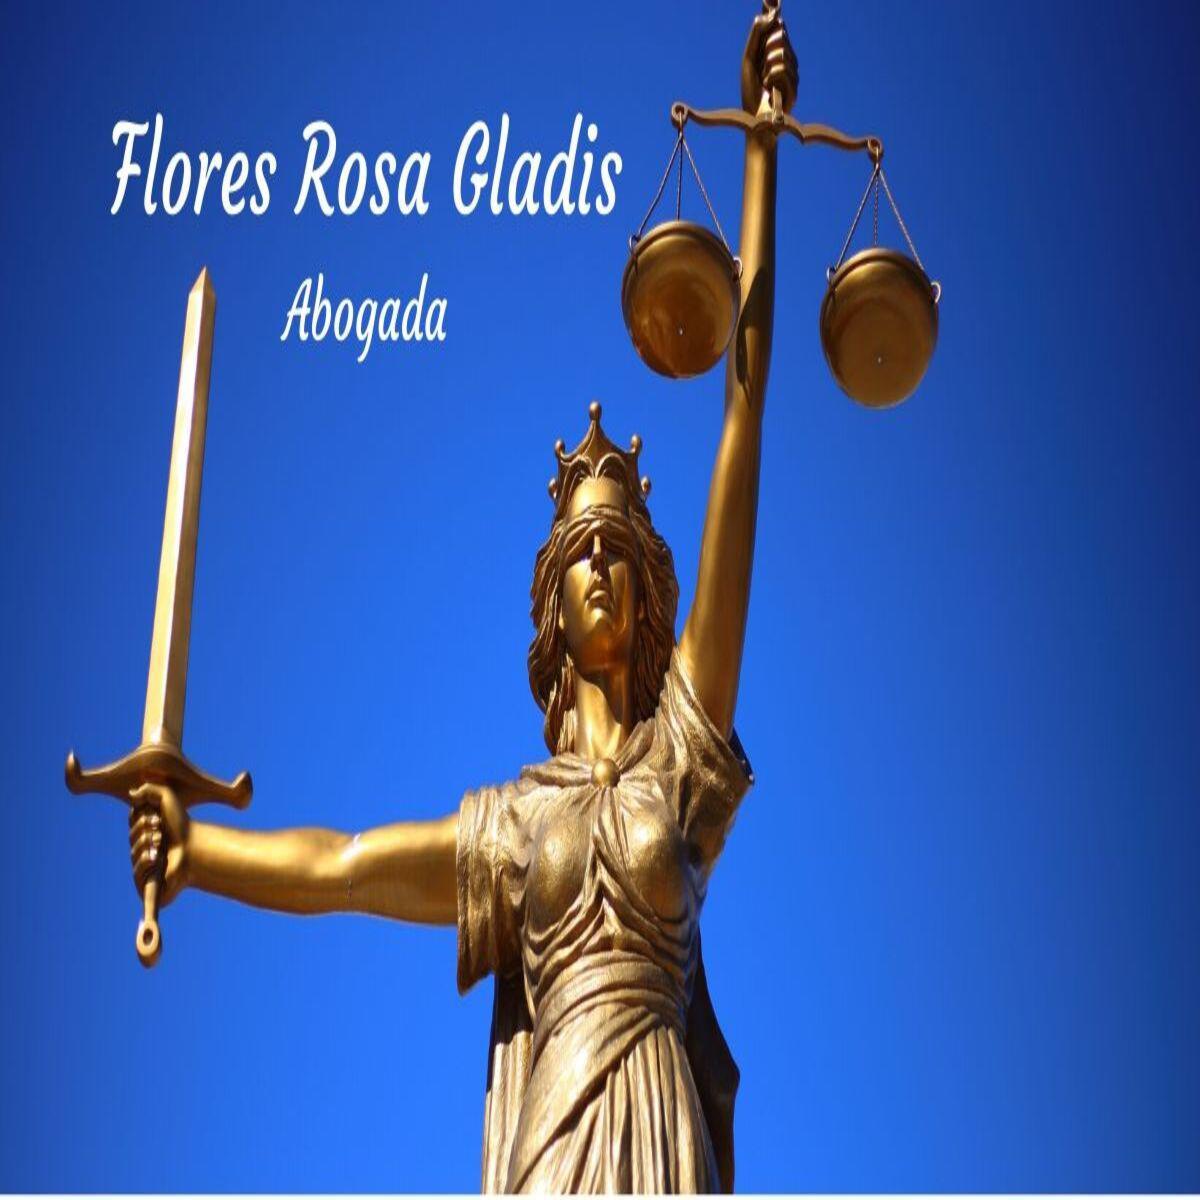 ABOGADA FLORES ROSA GLADIS